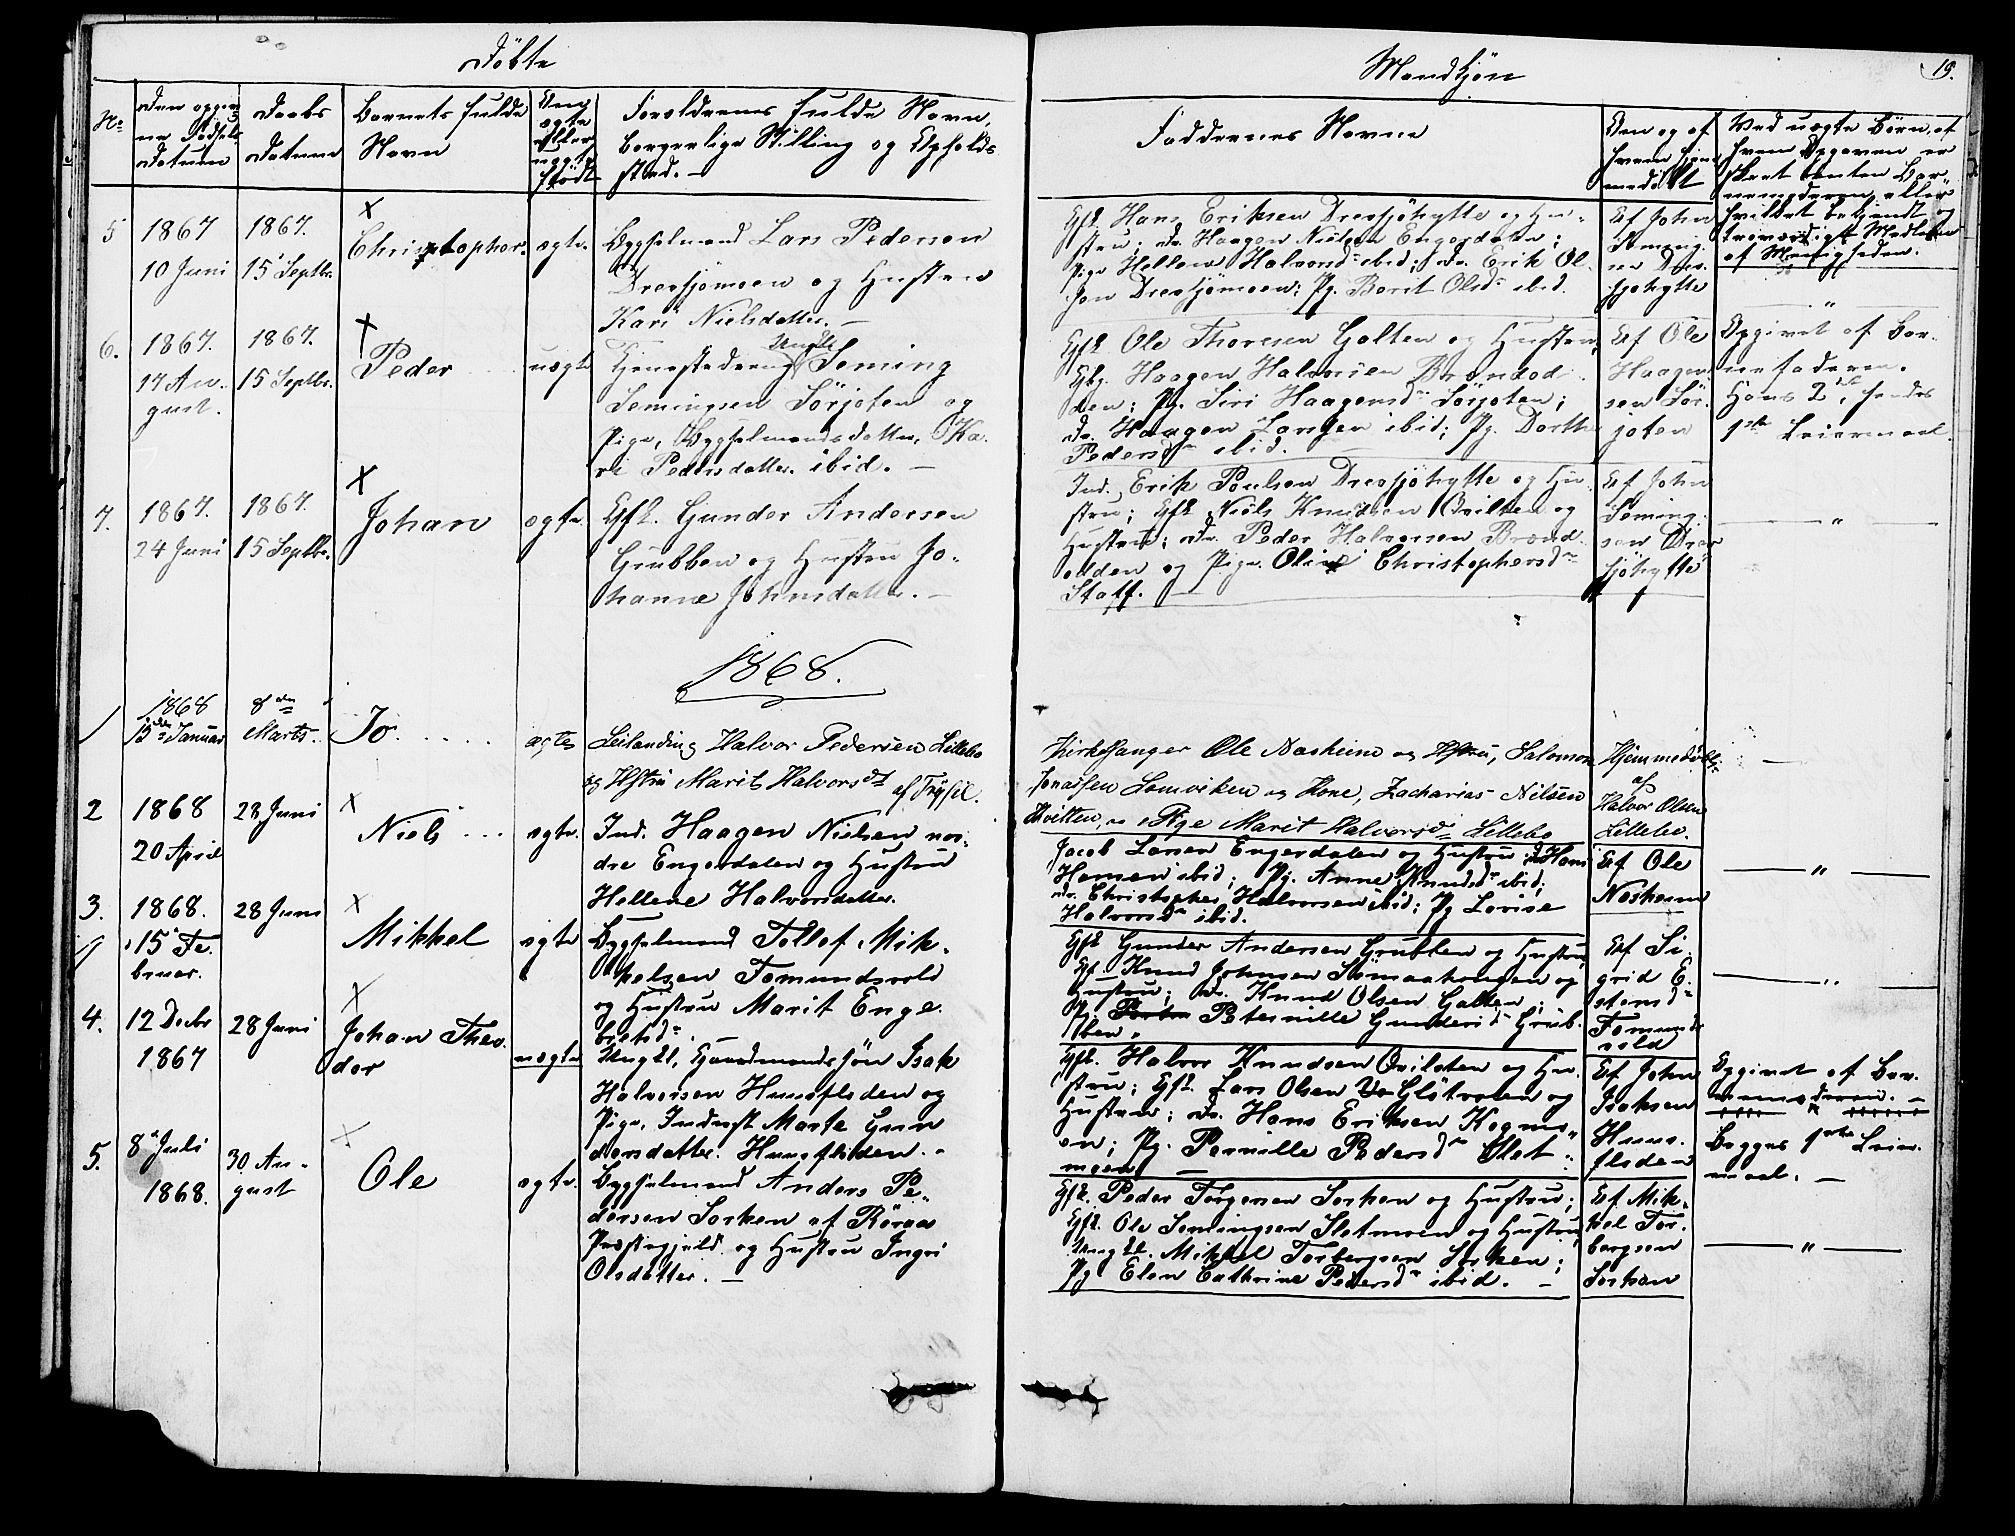 SAH, Rendalen prestekontor, H/Ha/Hab/L0002: Klokkerbok nr. 2, 1858-1880, s. 19